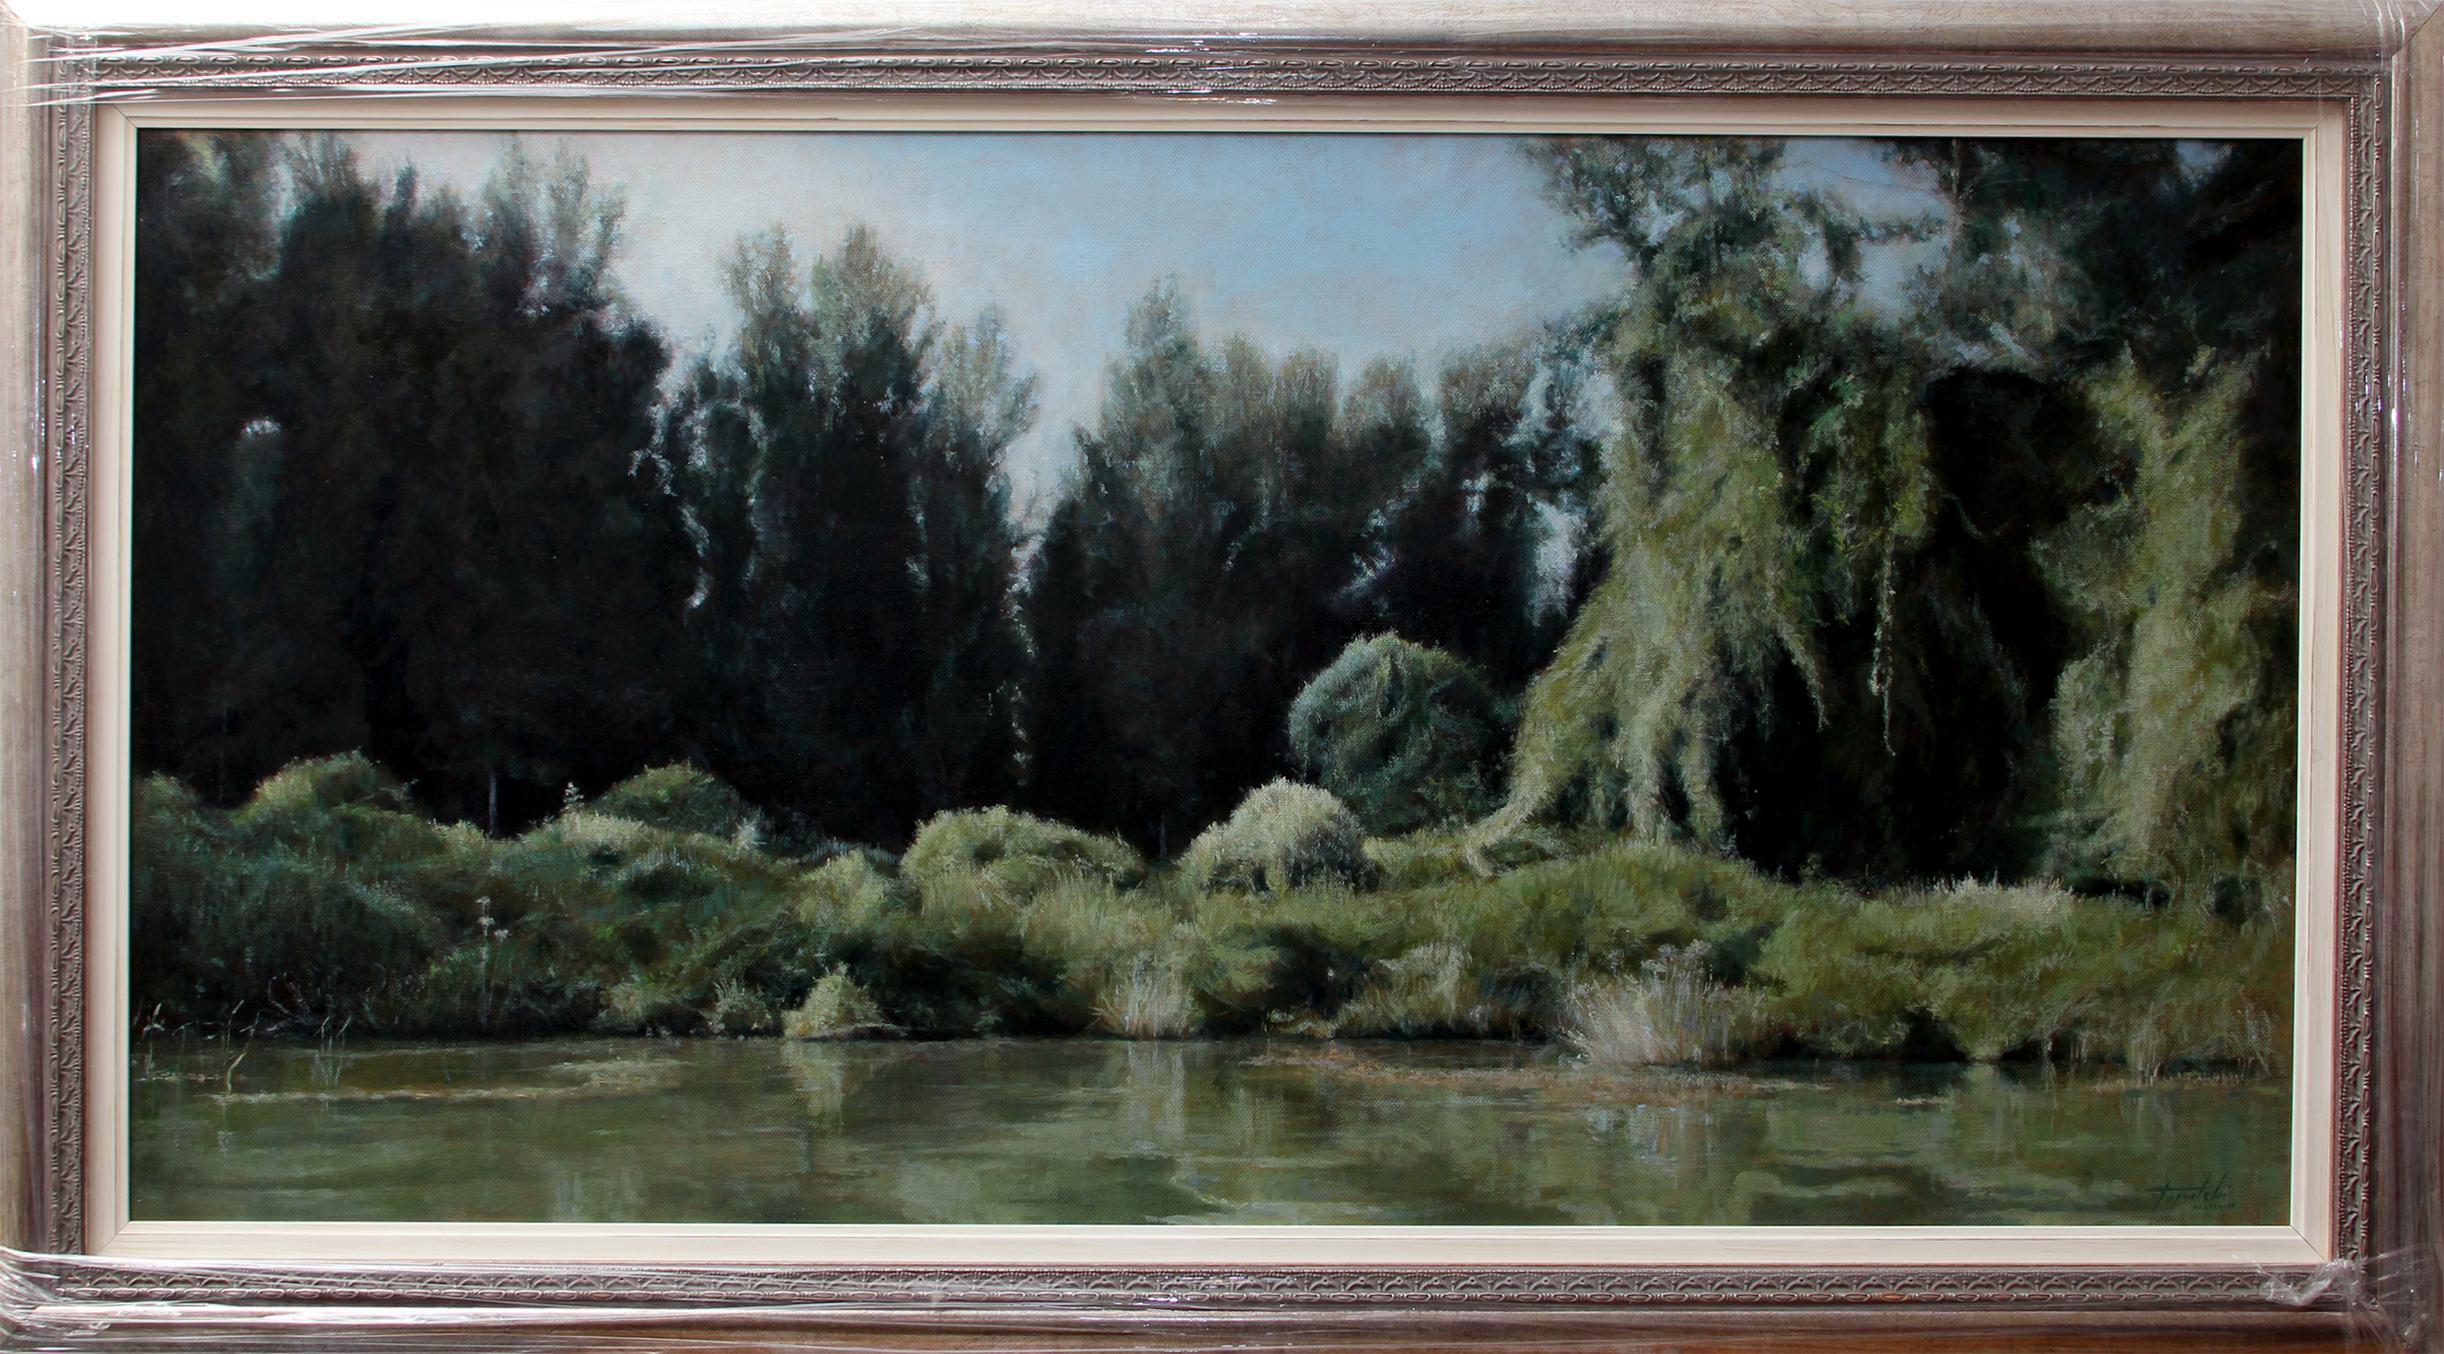 Reka Tisa - 60x120cm, 2018. Pejzaž Ulje na platnu umetnik Darko Topalski